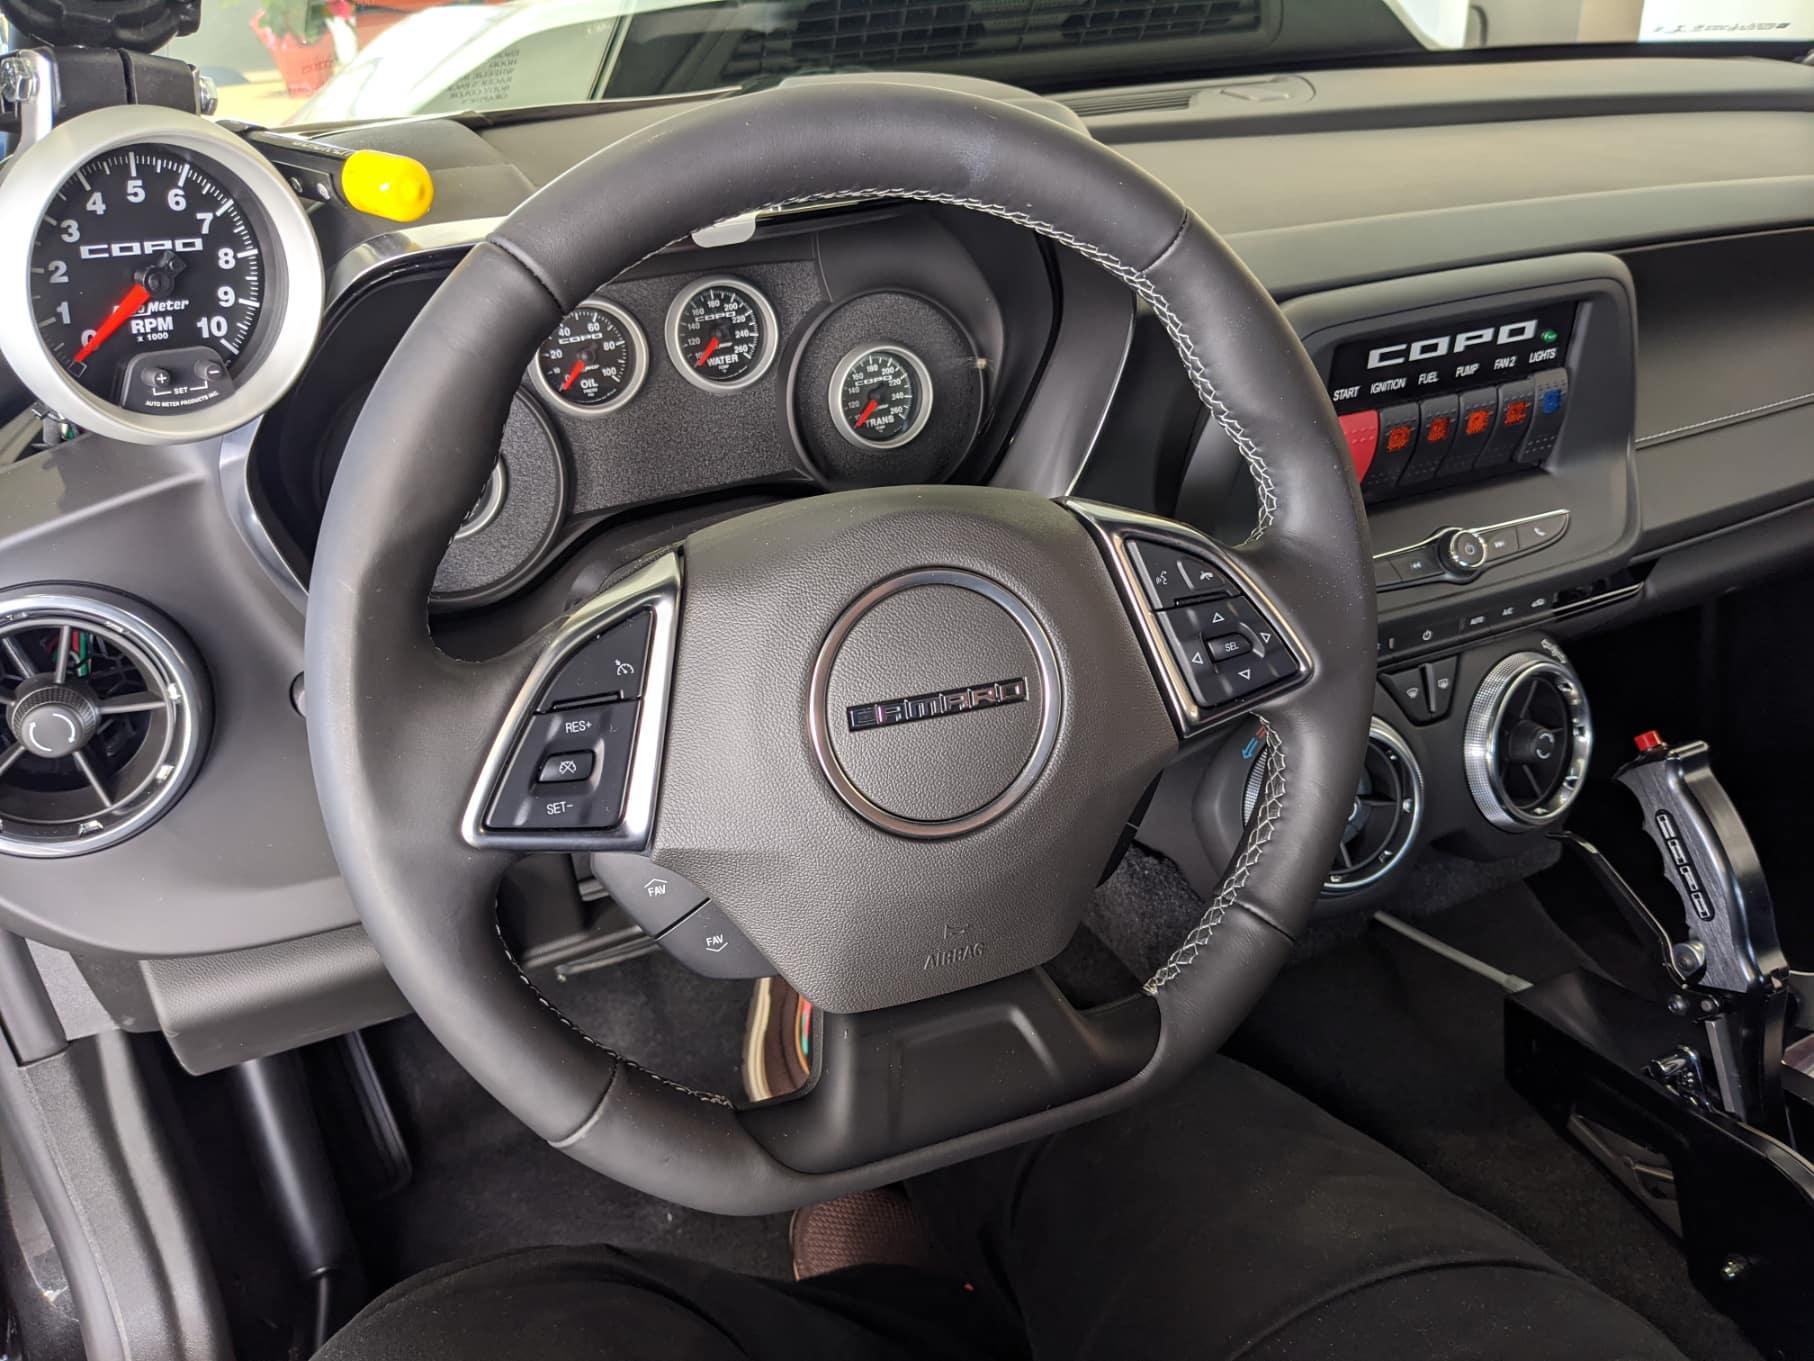 2020 Copo Camaro Interior